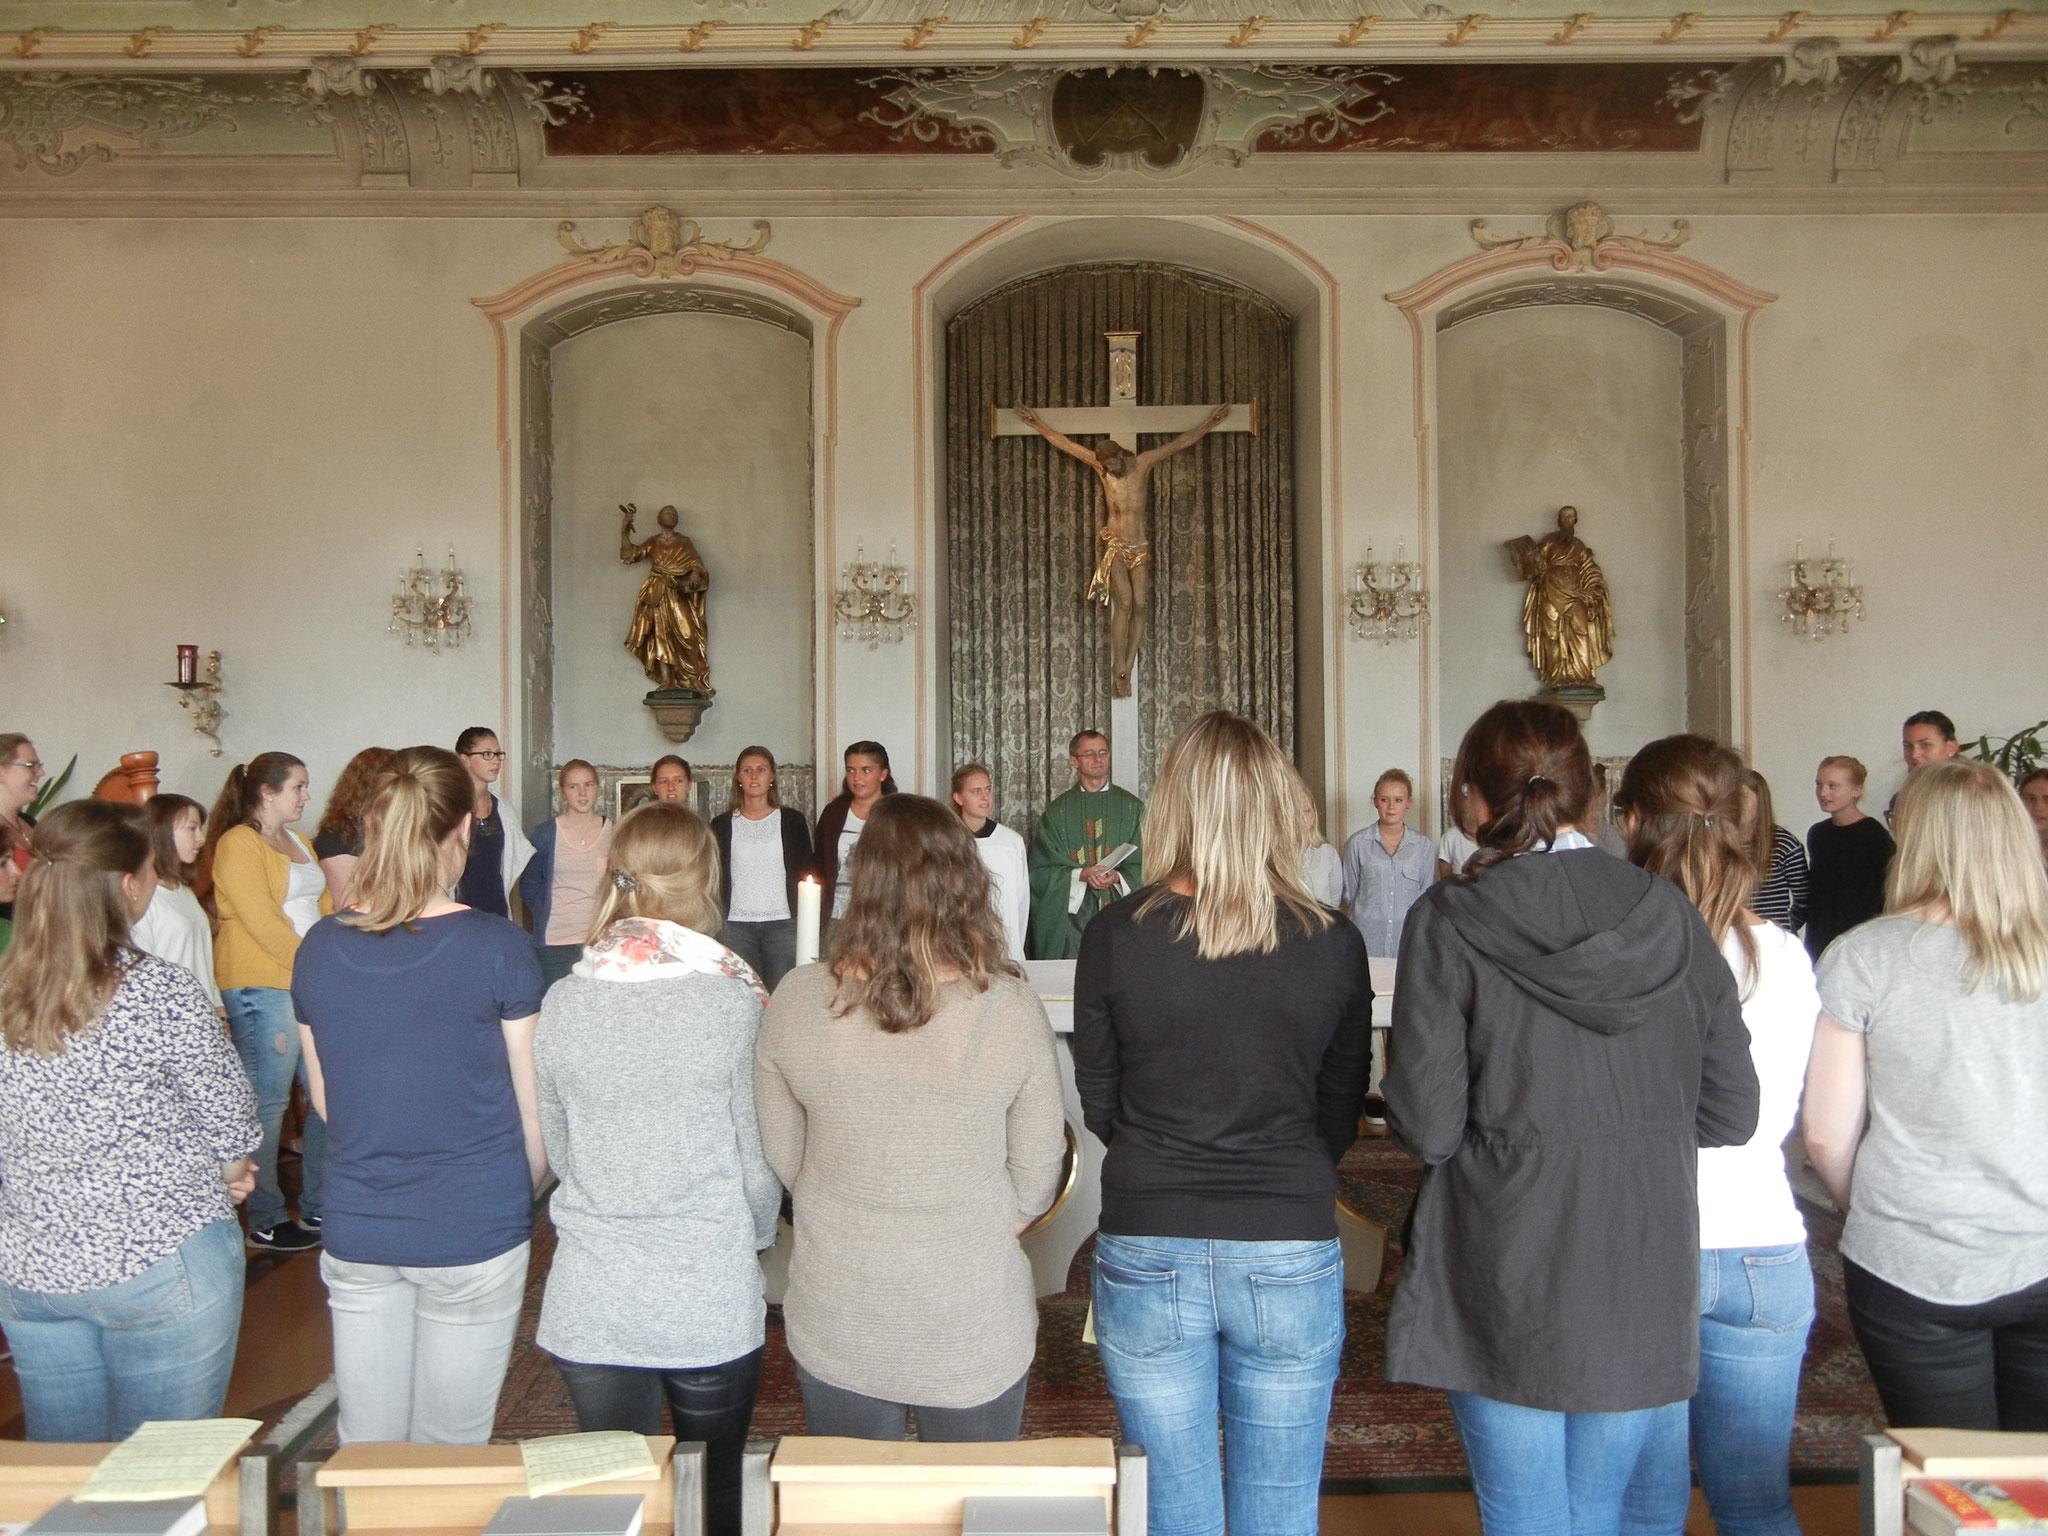 Segensrunde um den Altar